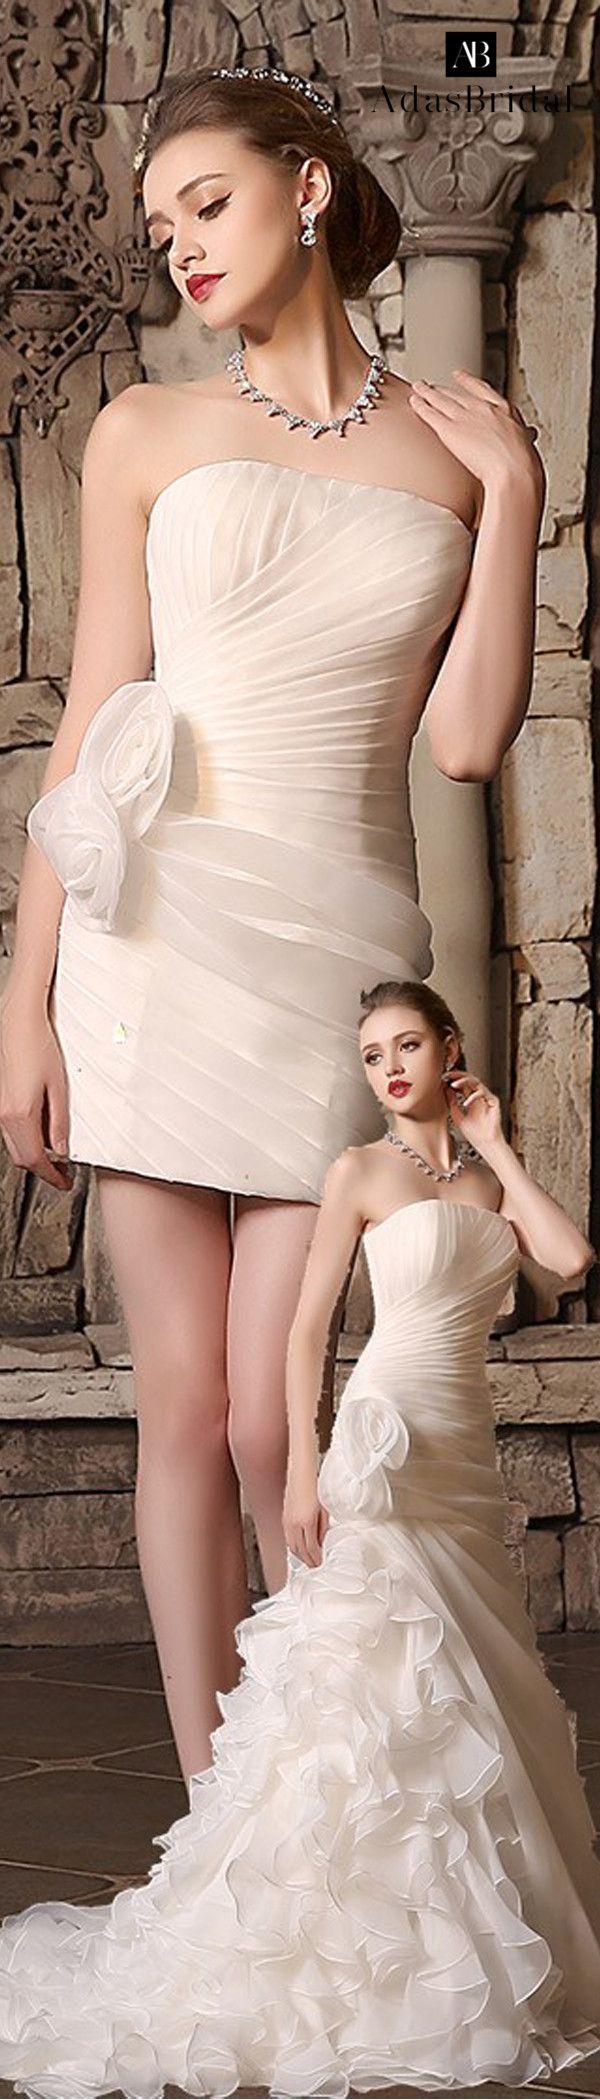 Amazing Organza Satin Strapless Neckline 2 In 1 Wedding Dresses